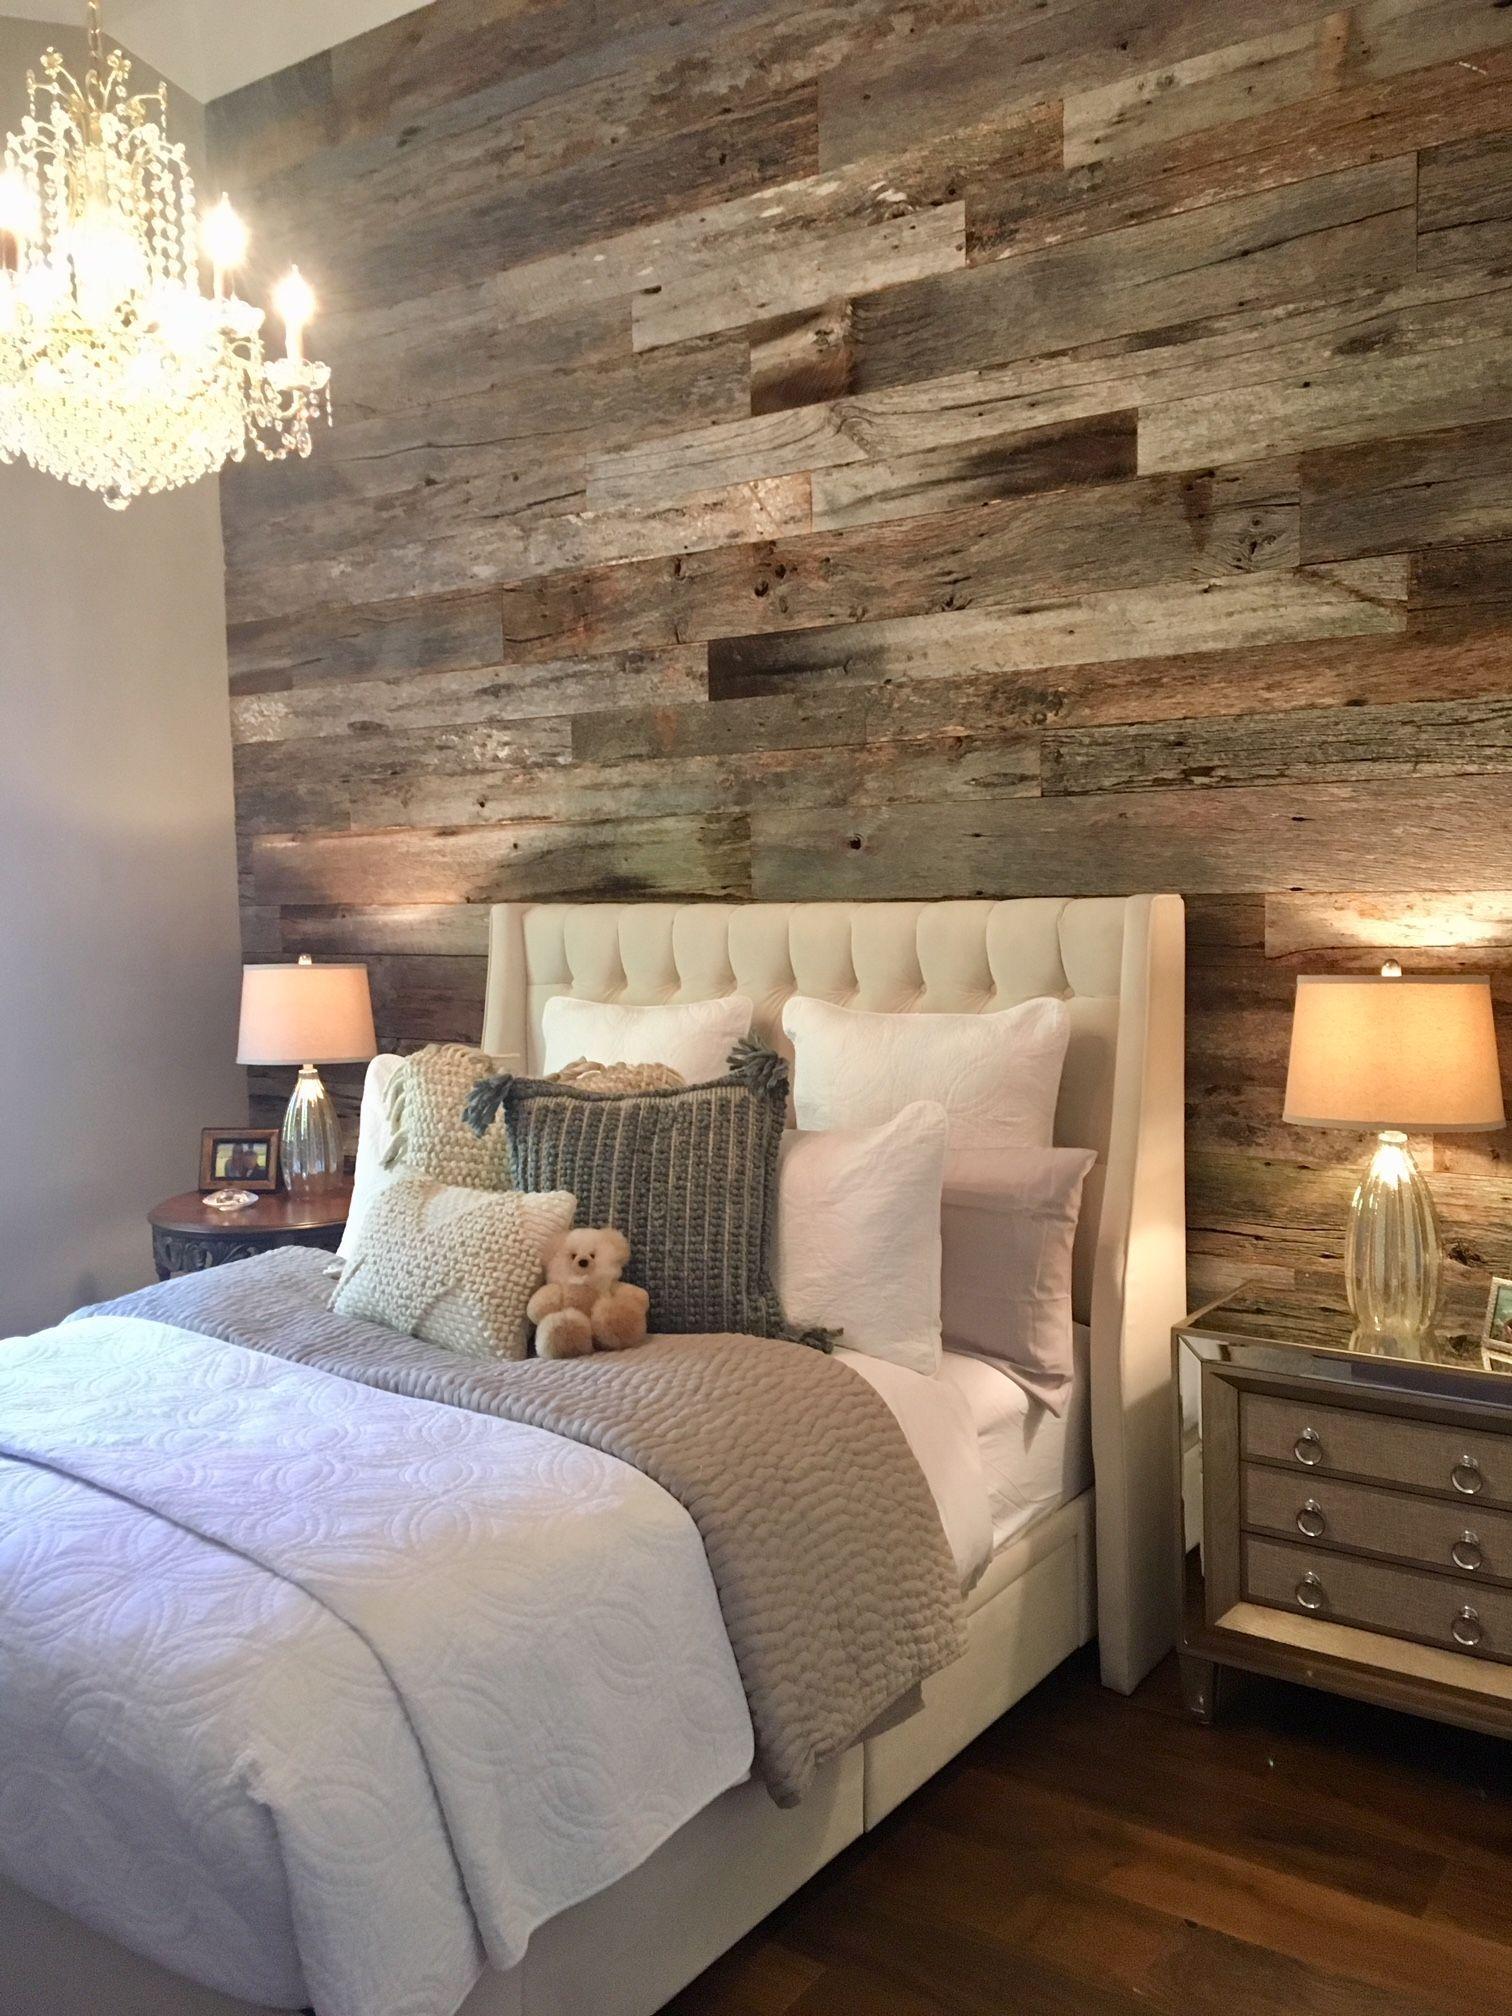 Tobacco Grey Barn Wood Wall Rustic Bedroom Design Wood Walls Bedroom Rustic Bedroom